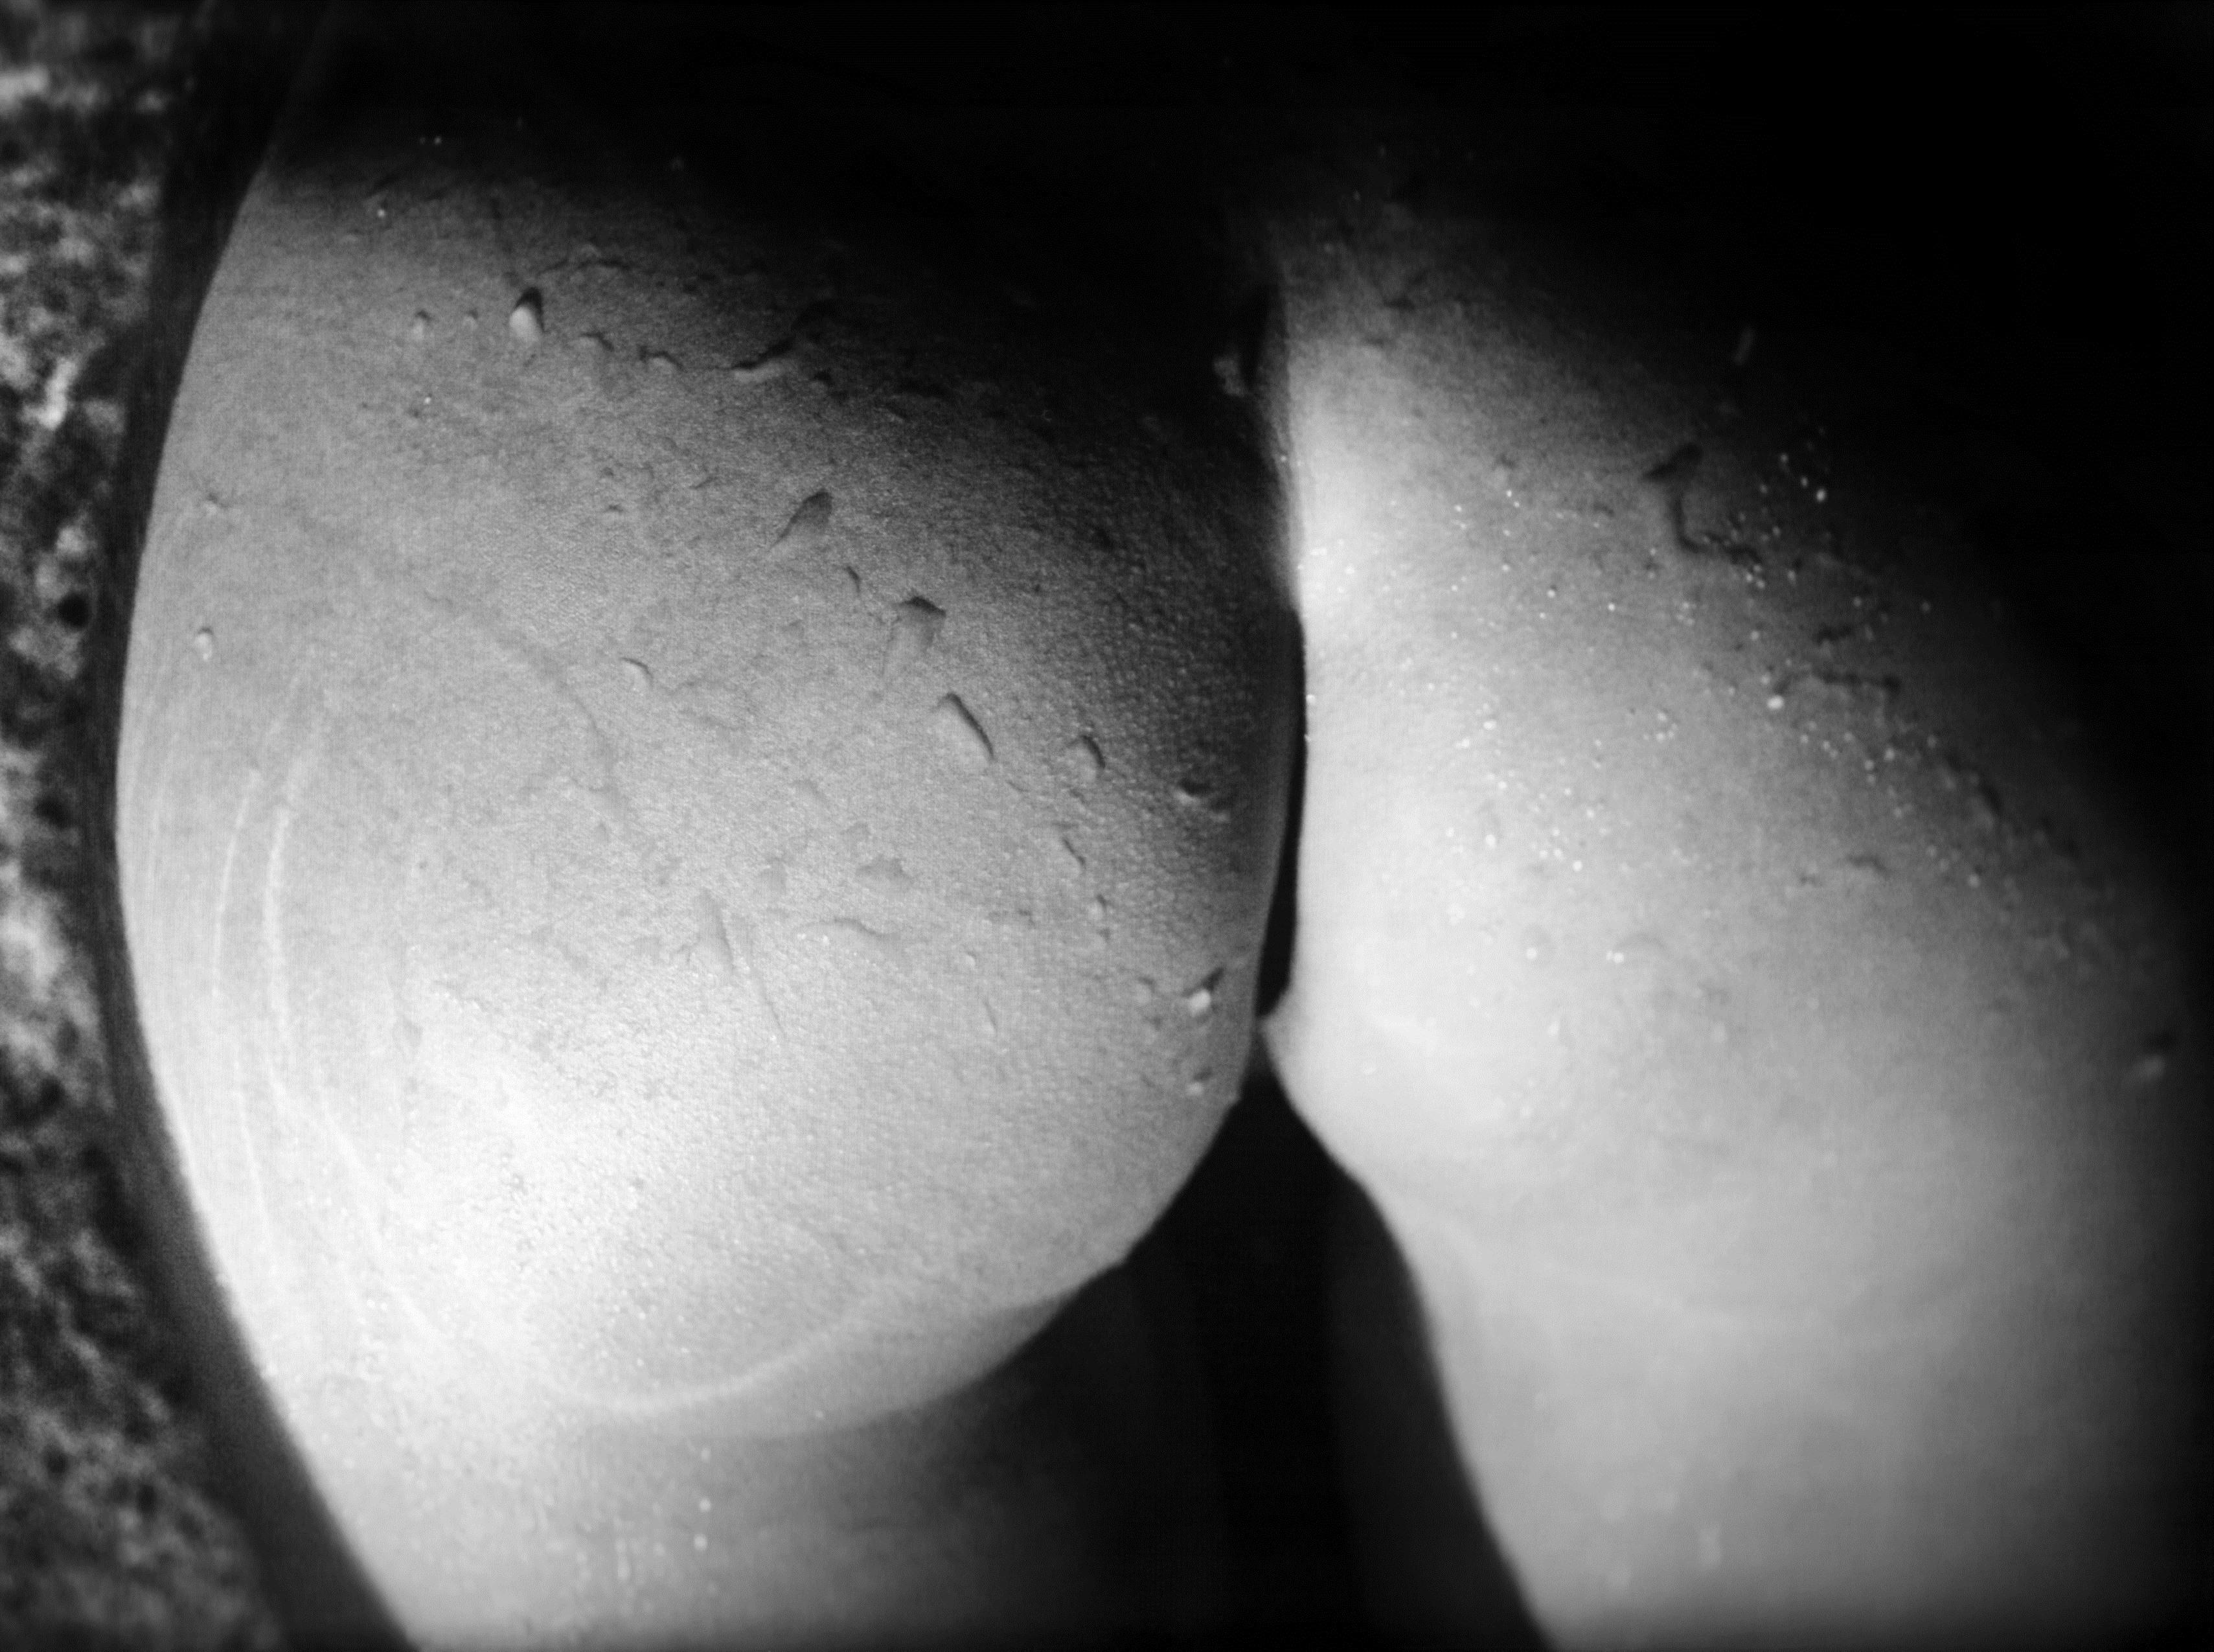 Фото Мокрая голая попка, попа в воде, черно-белая эротика, скачать картинку бесплатно